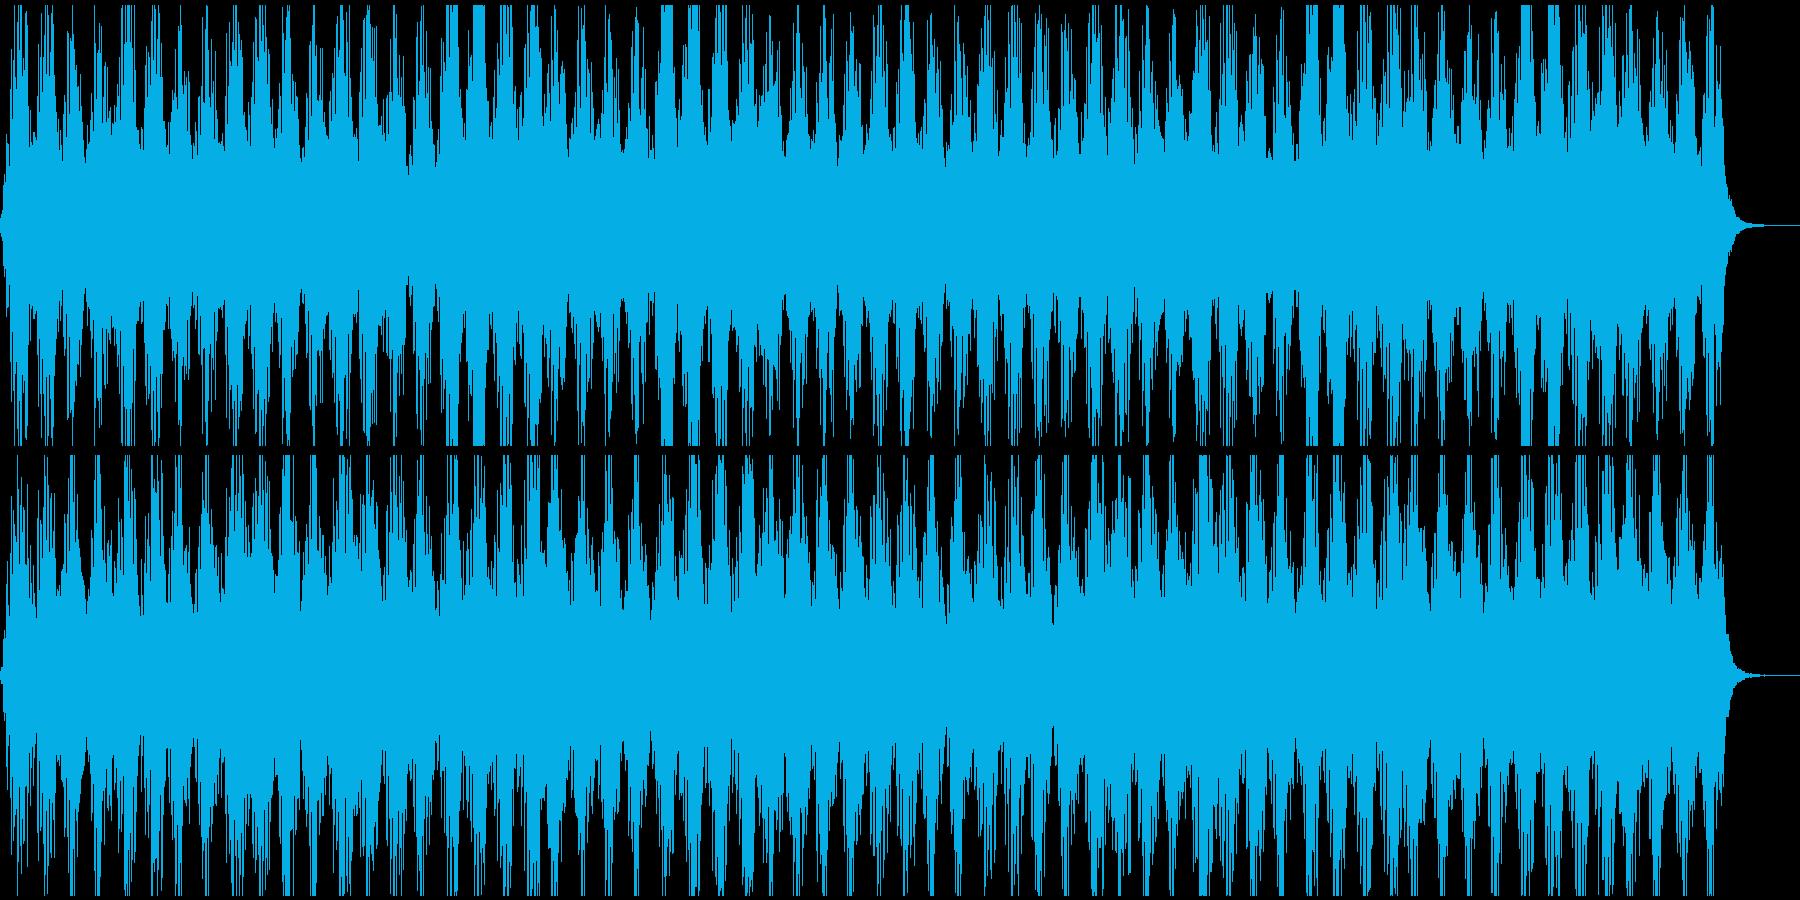 宇宙に漂うようなアンビエントの再生済みの波形